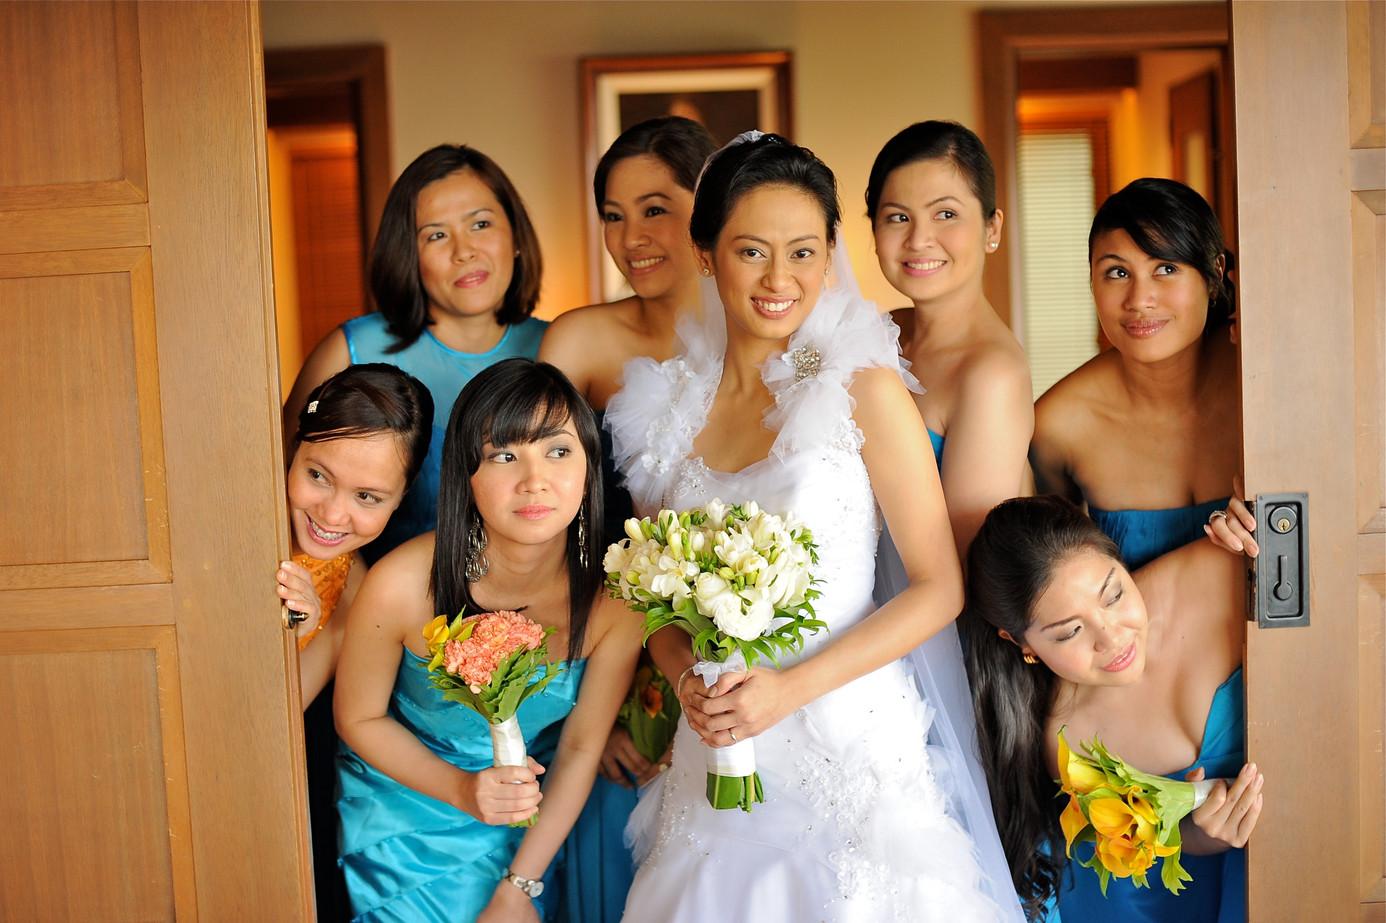 weddings53.JPG